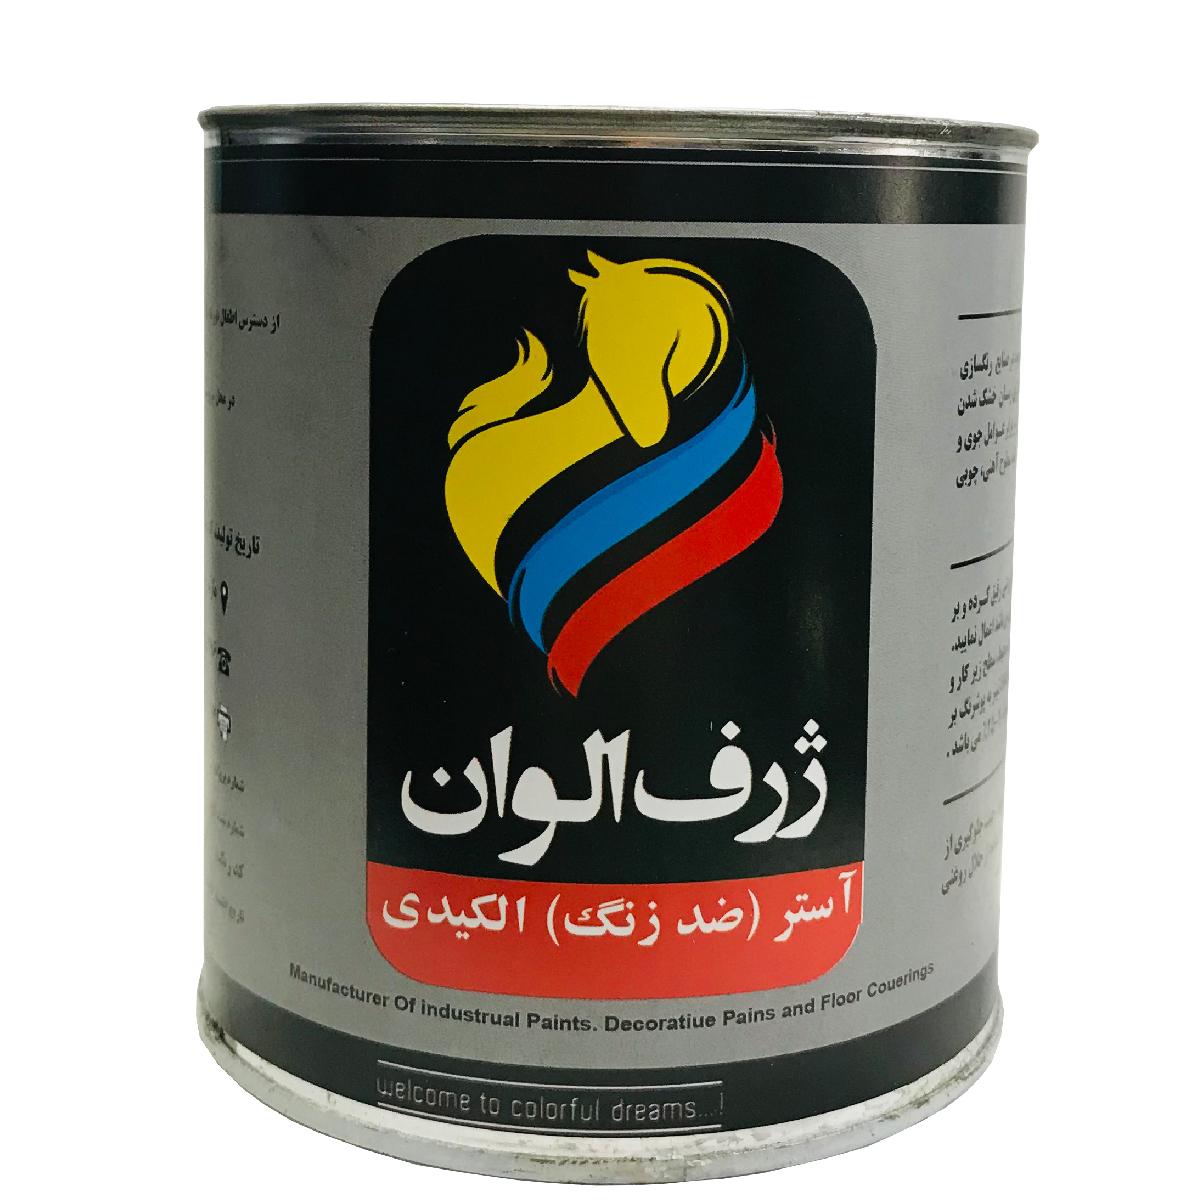 قیمت                                      ضد زنگ طوسی  ژرف الوان کد 022 حجم 946 میلی لیتر